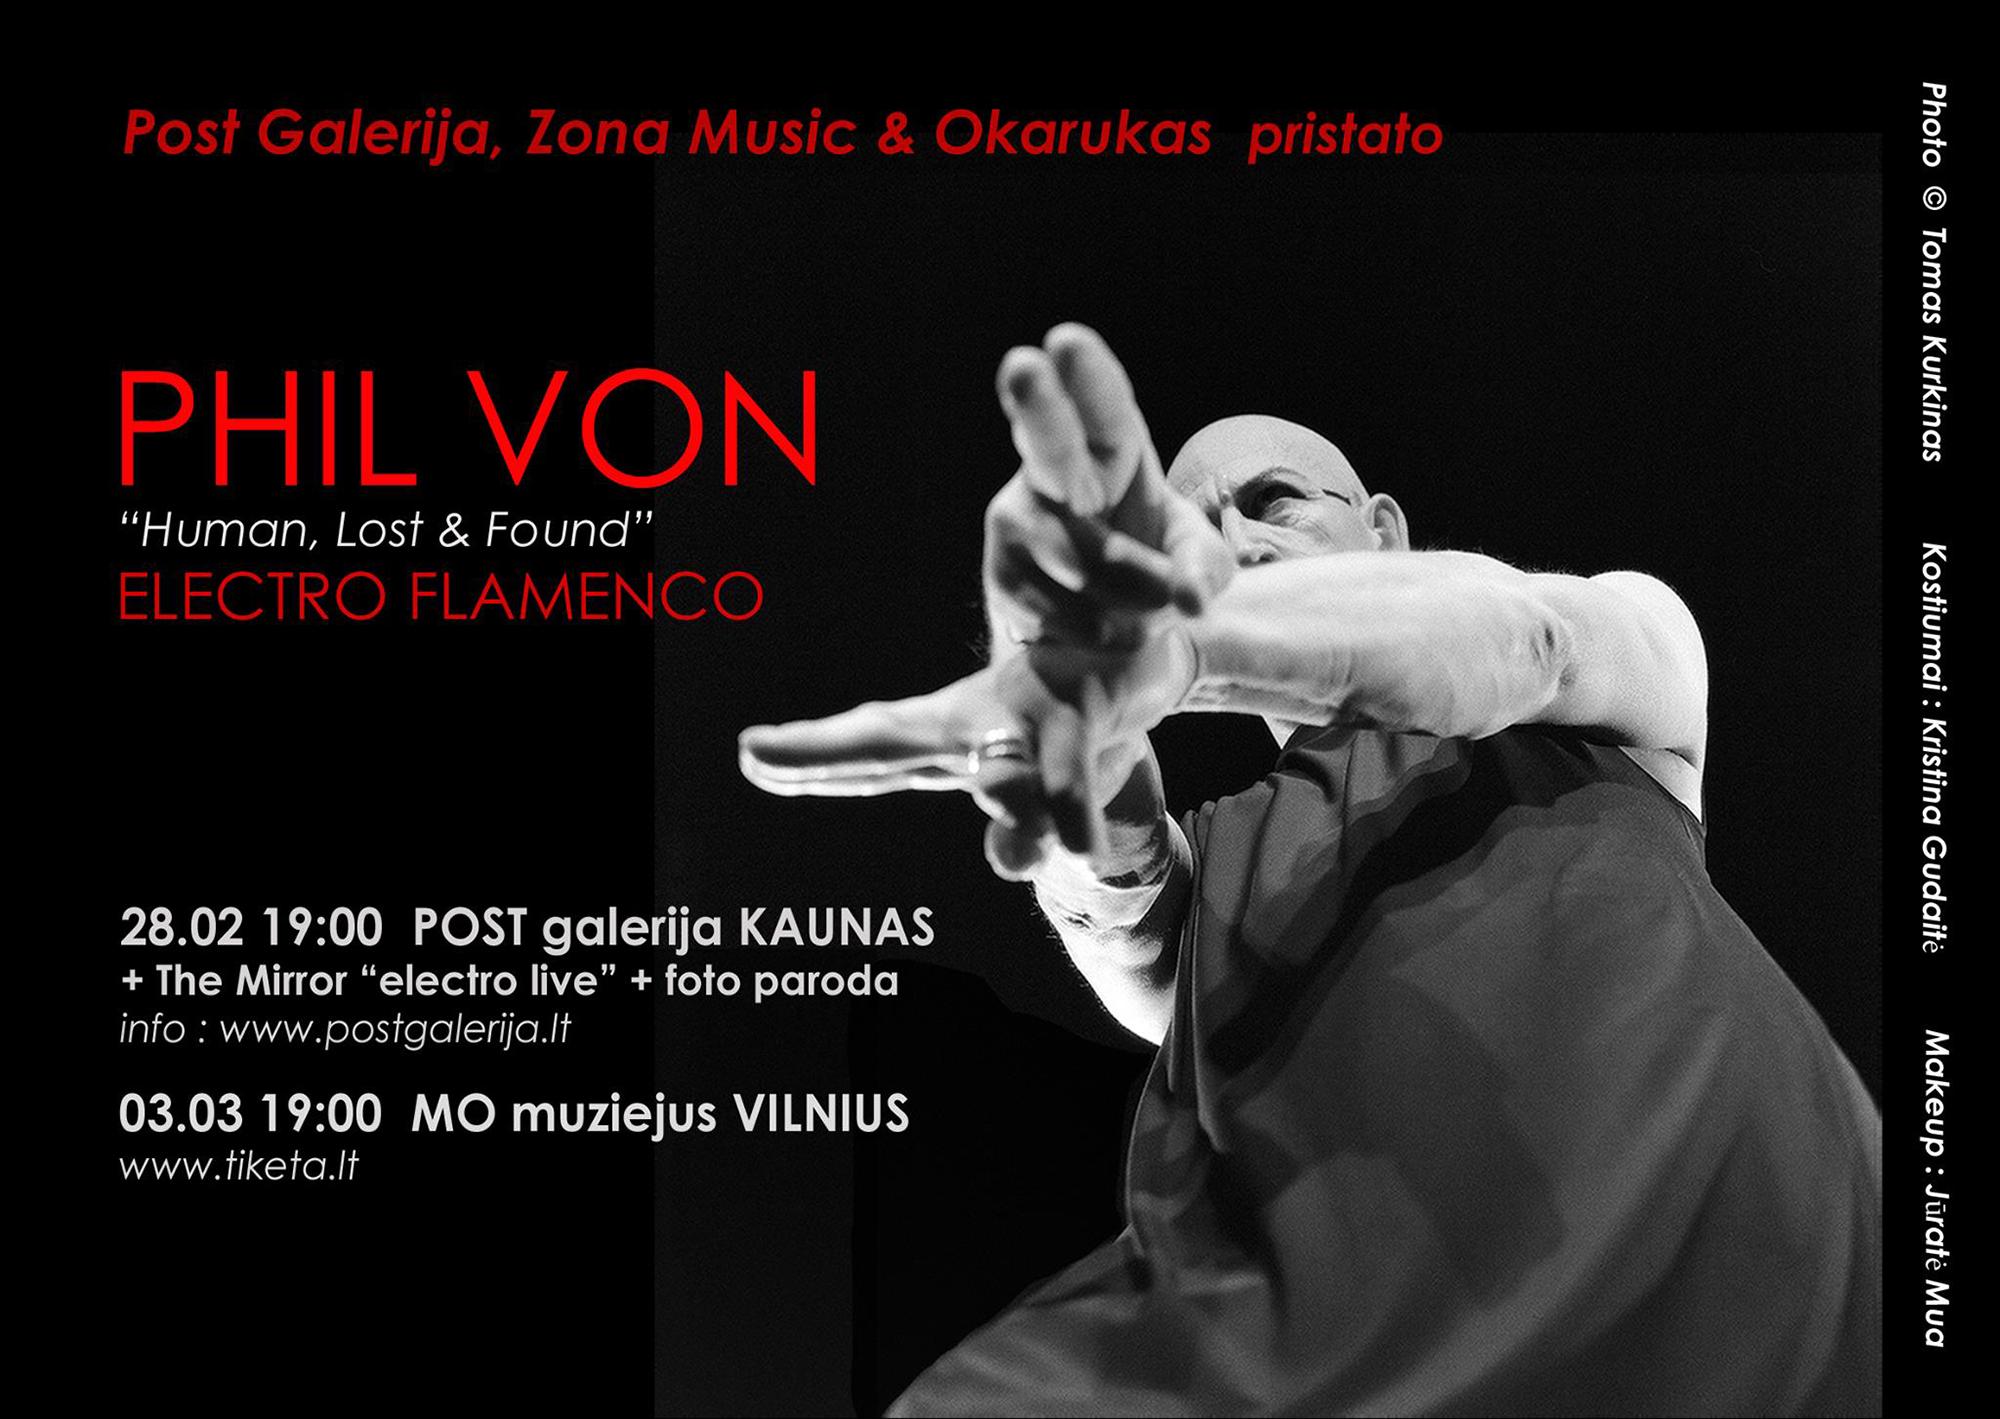 Phil Von